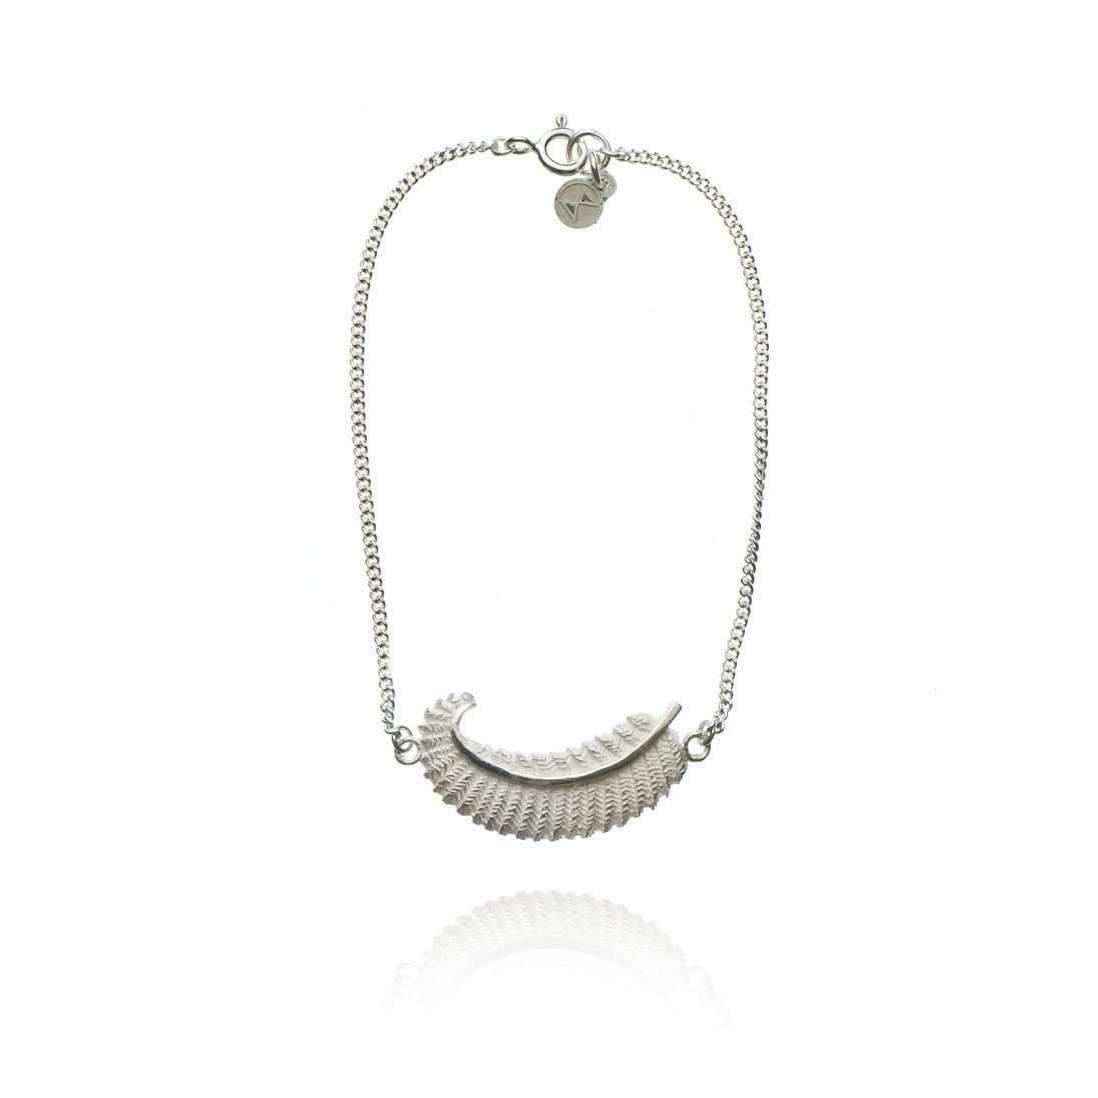 Patience Jewellery Fern Necklace OzqN13